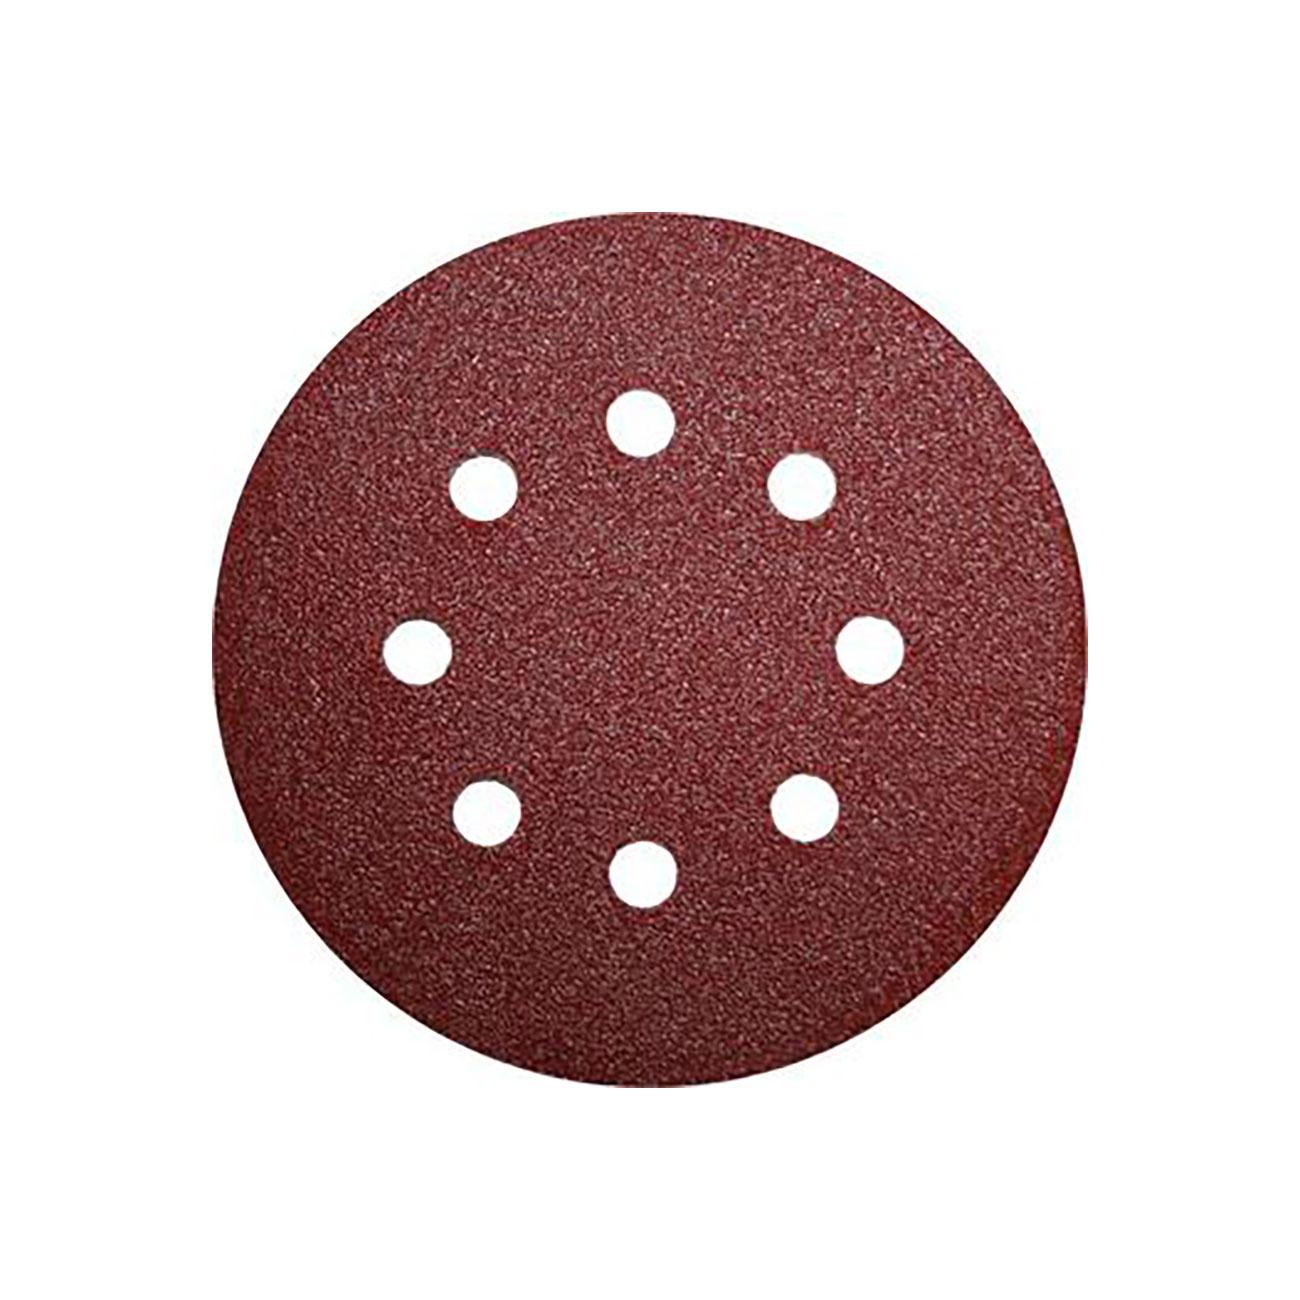 Фото Шлифовальные круги Практика Профи, на липкой основе, Р80, для металла и дерева, 8 отверстий, 125 мм (5 шт) {031-495}